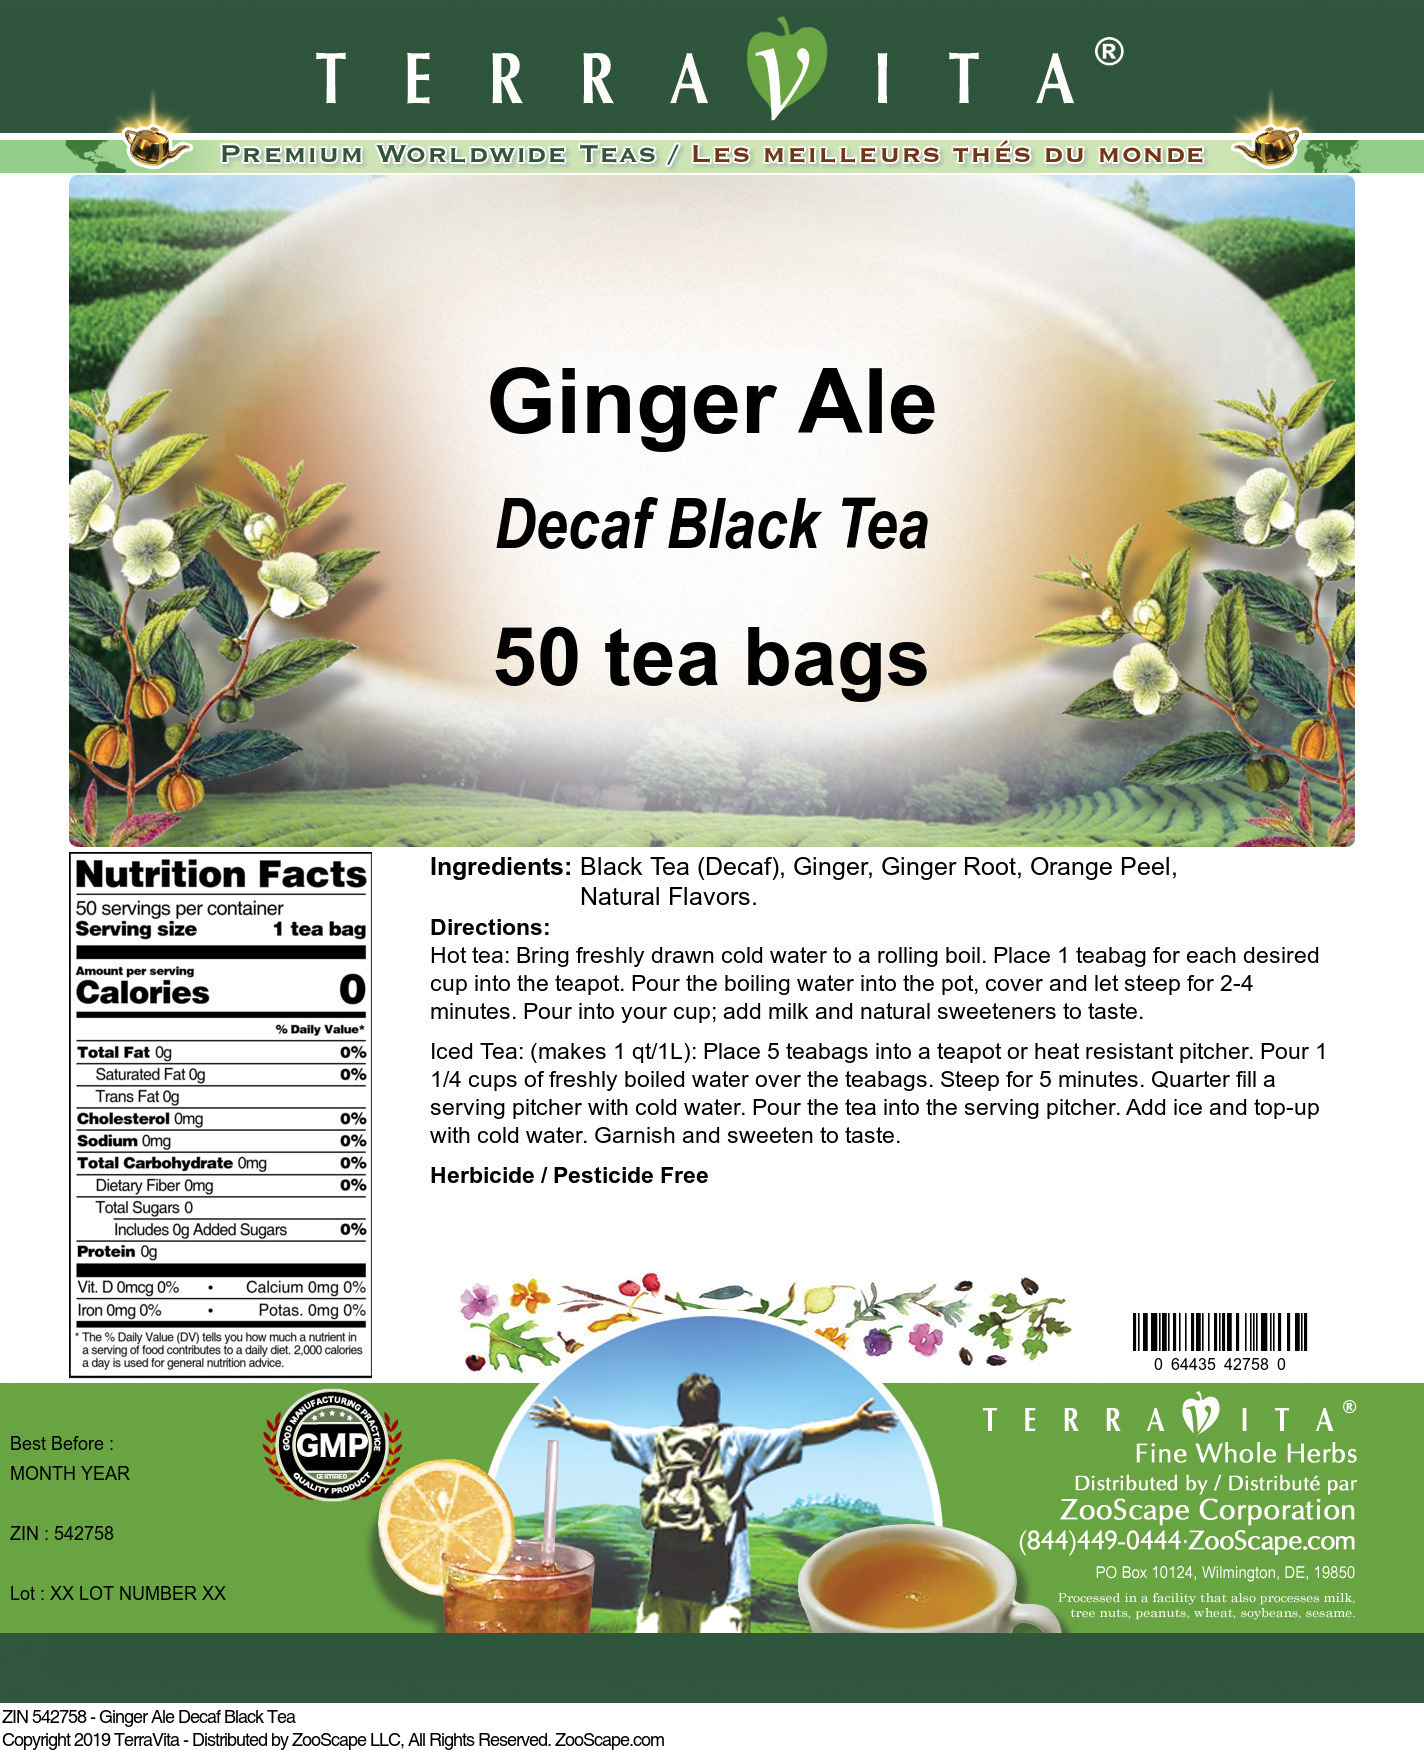 Ginger Ale Decaf Black Tea